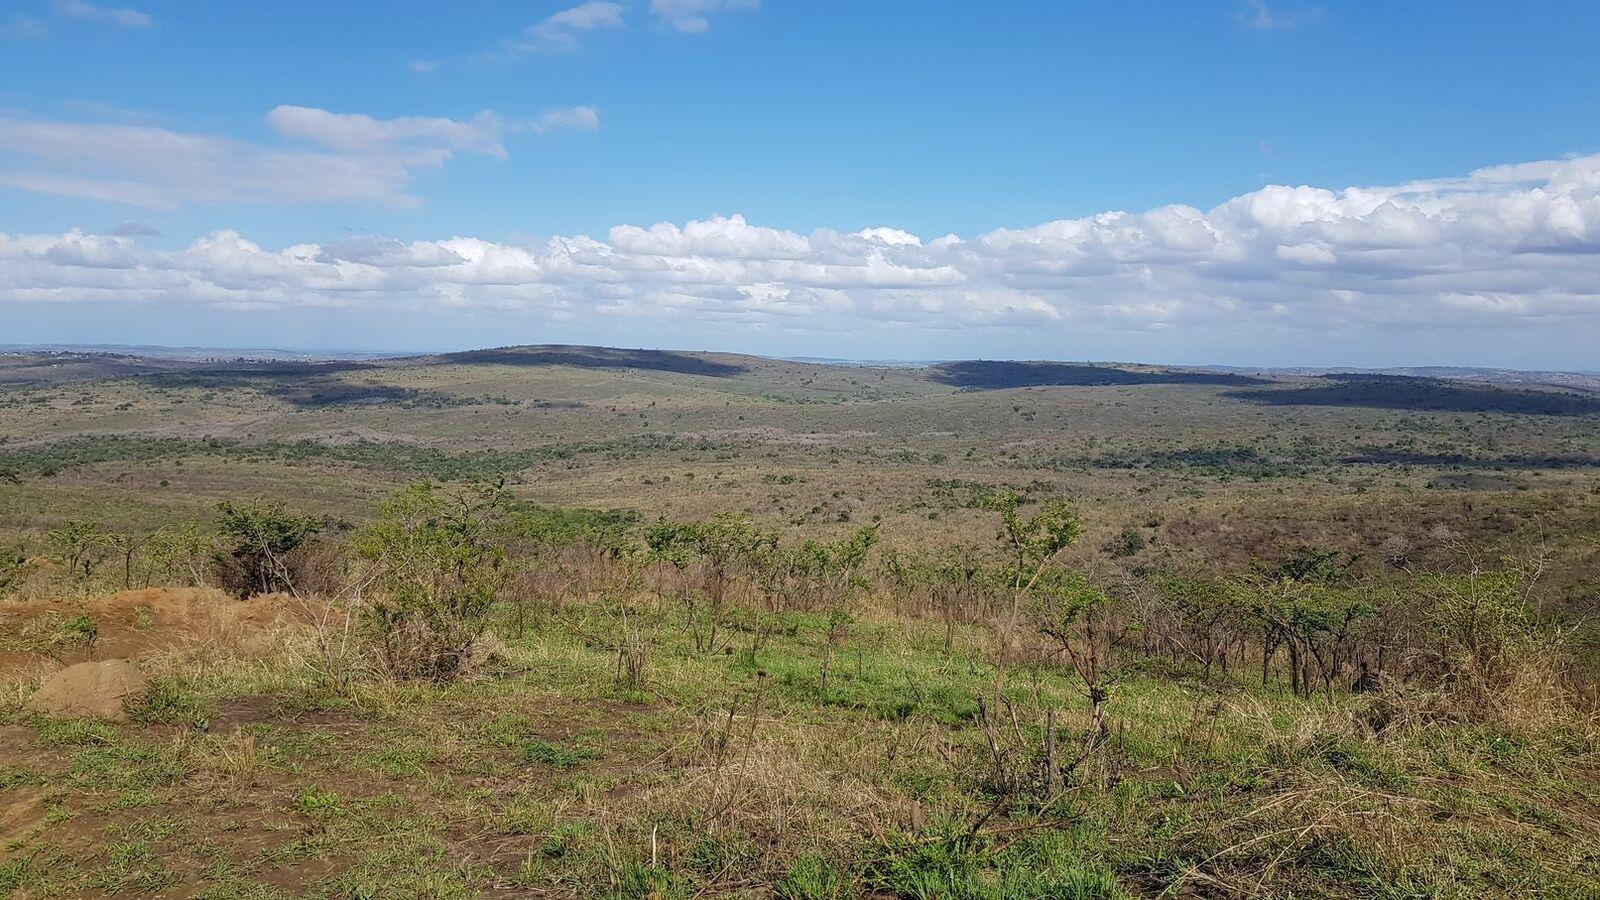 Afrique du sud : un début sur les chapeaux de roue !